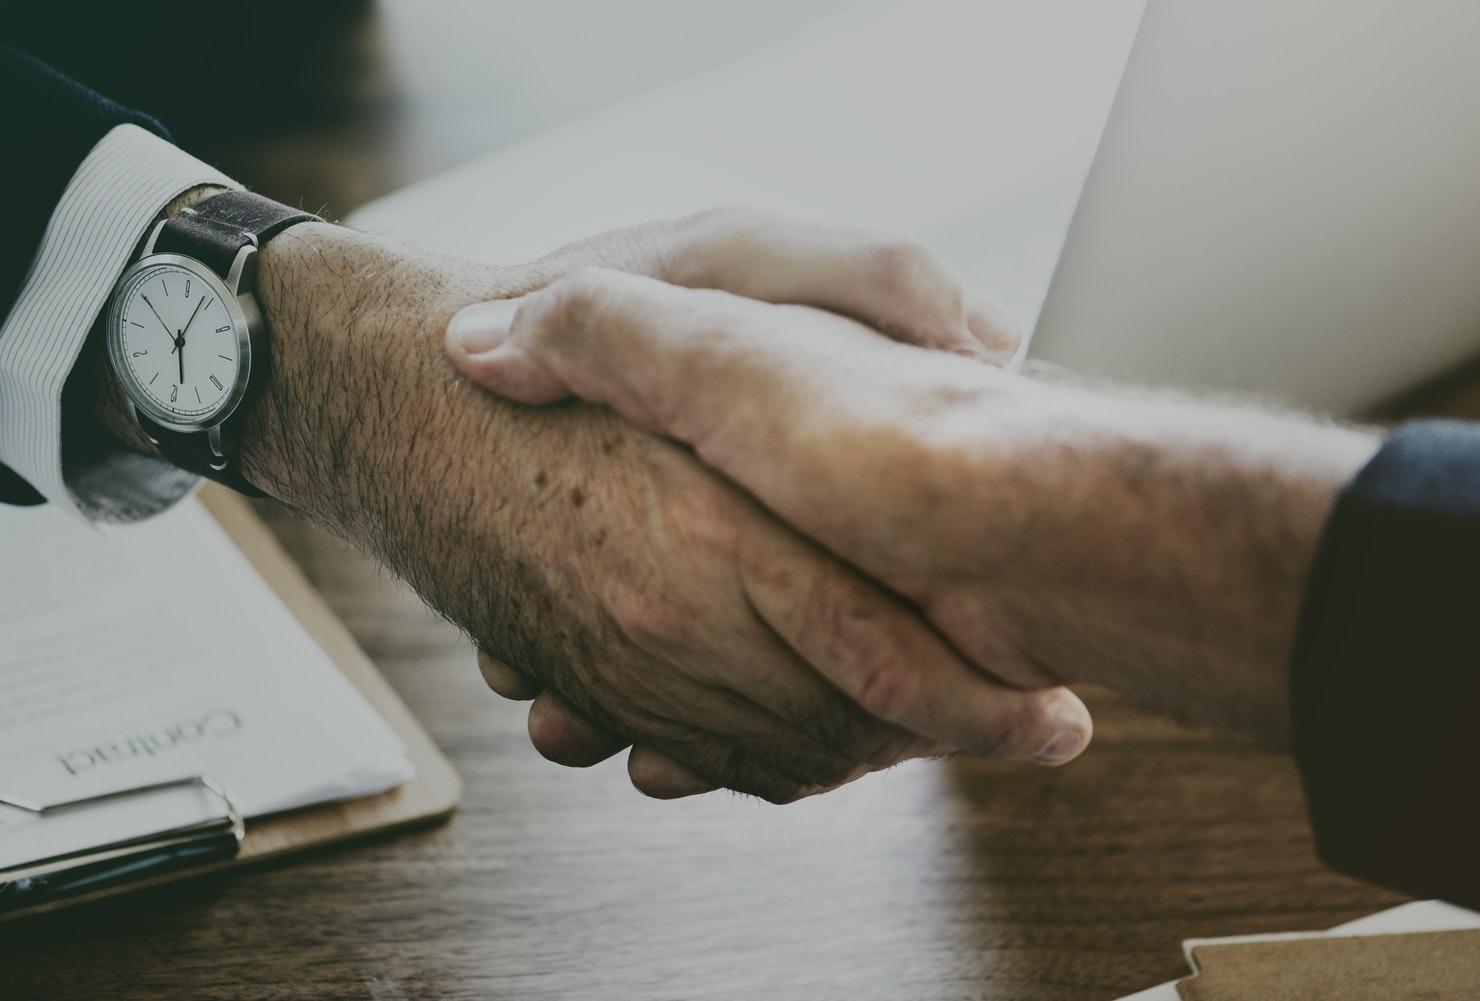 turnkeyinvestment-turnkeyprovider-newrealestateinvestors-commitment